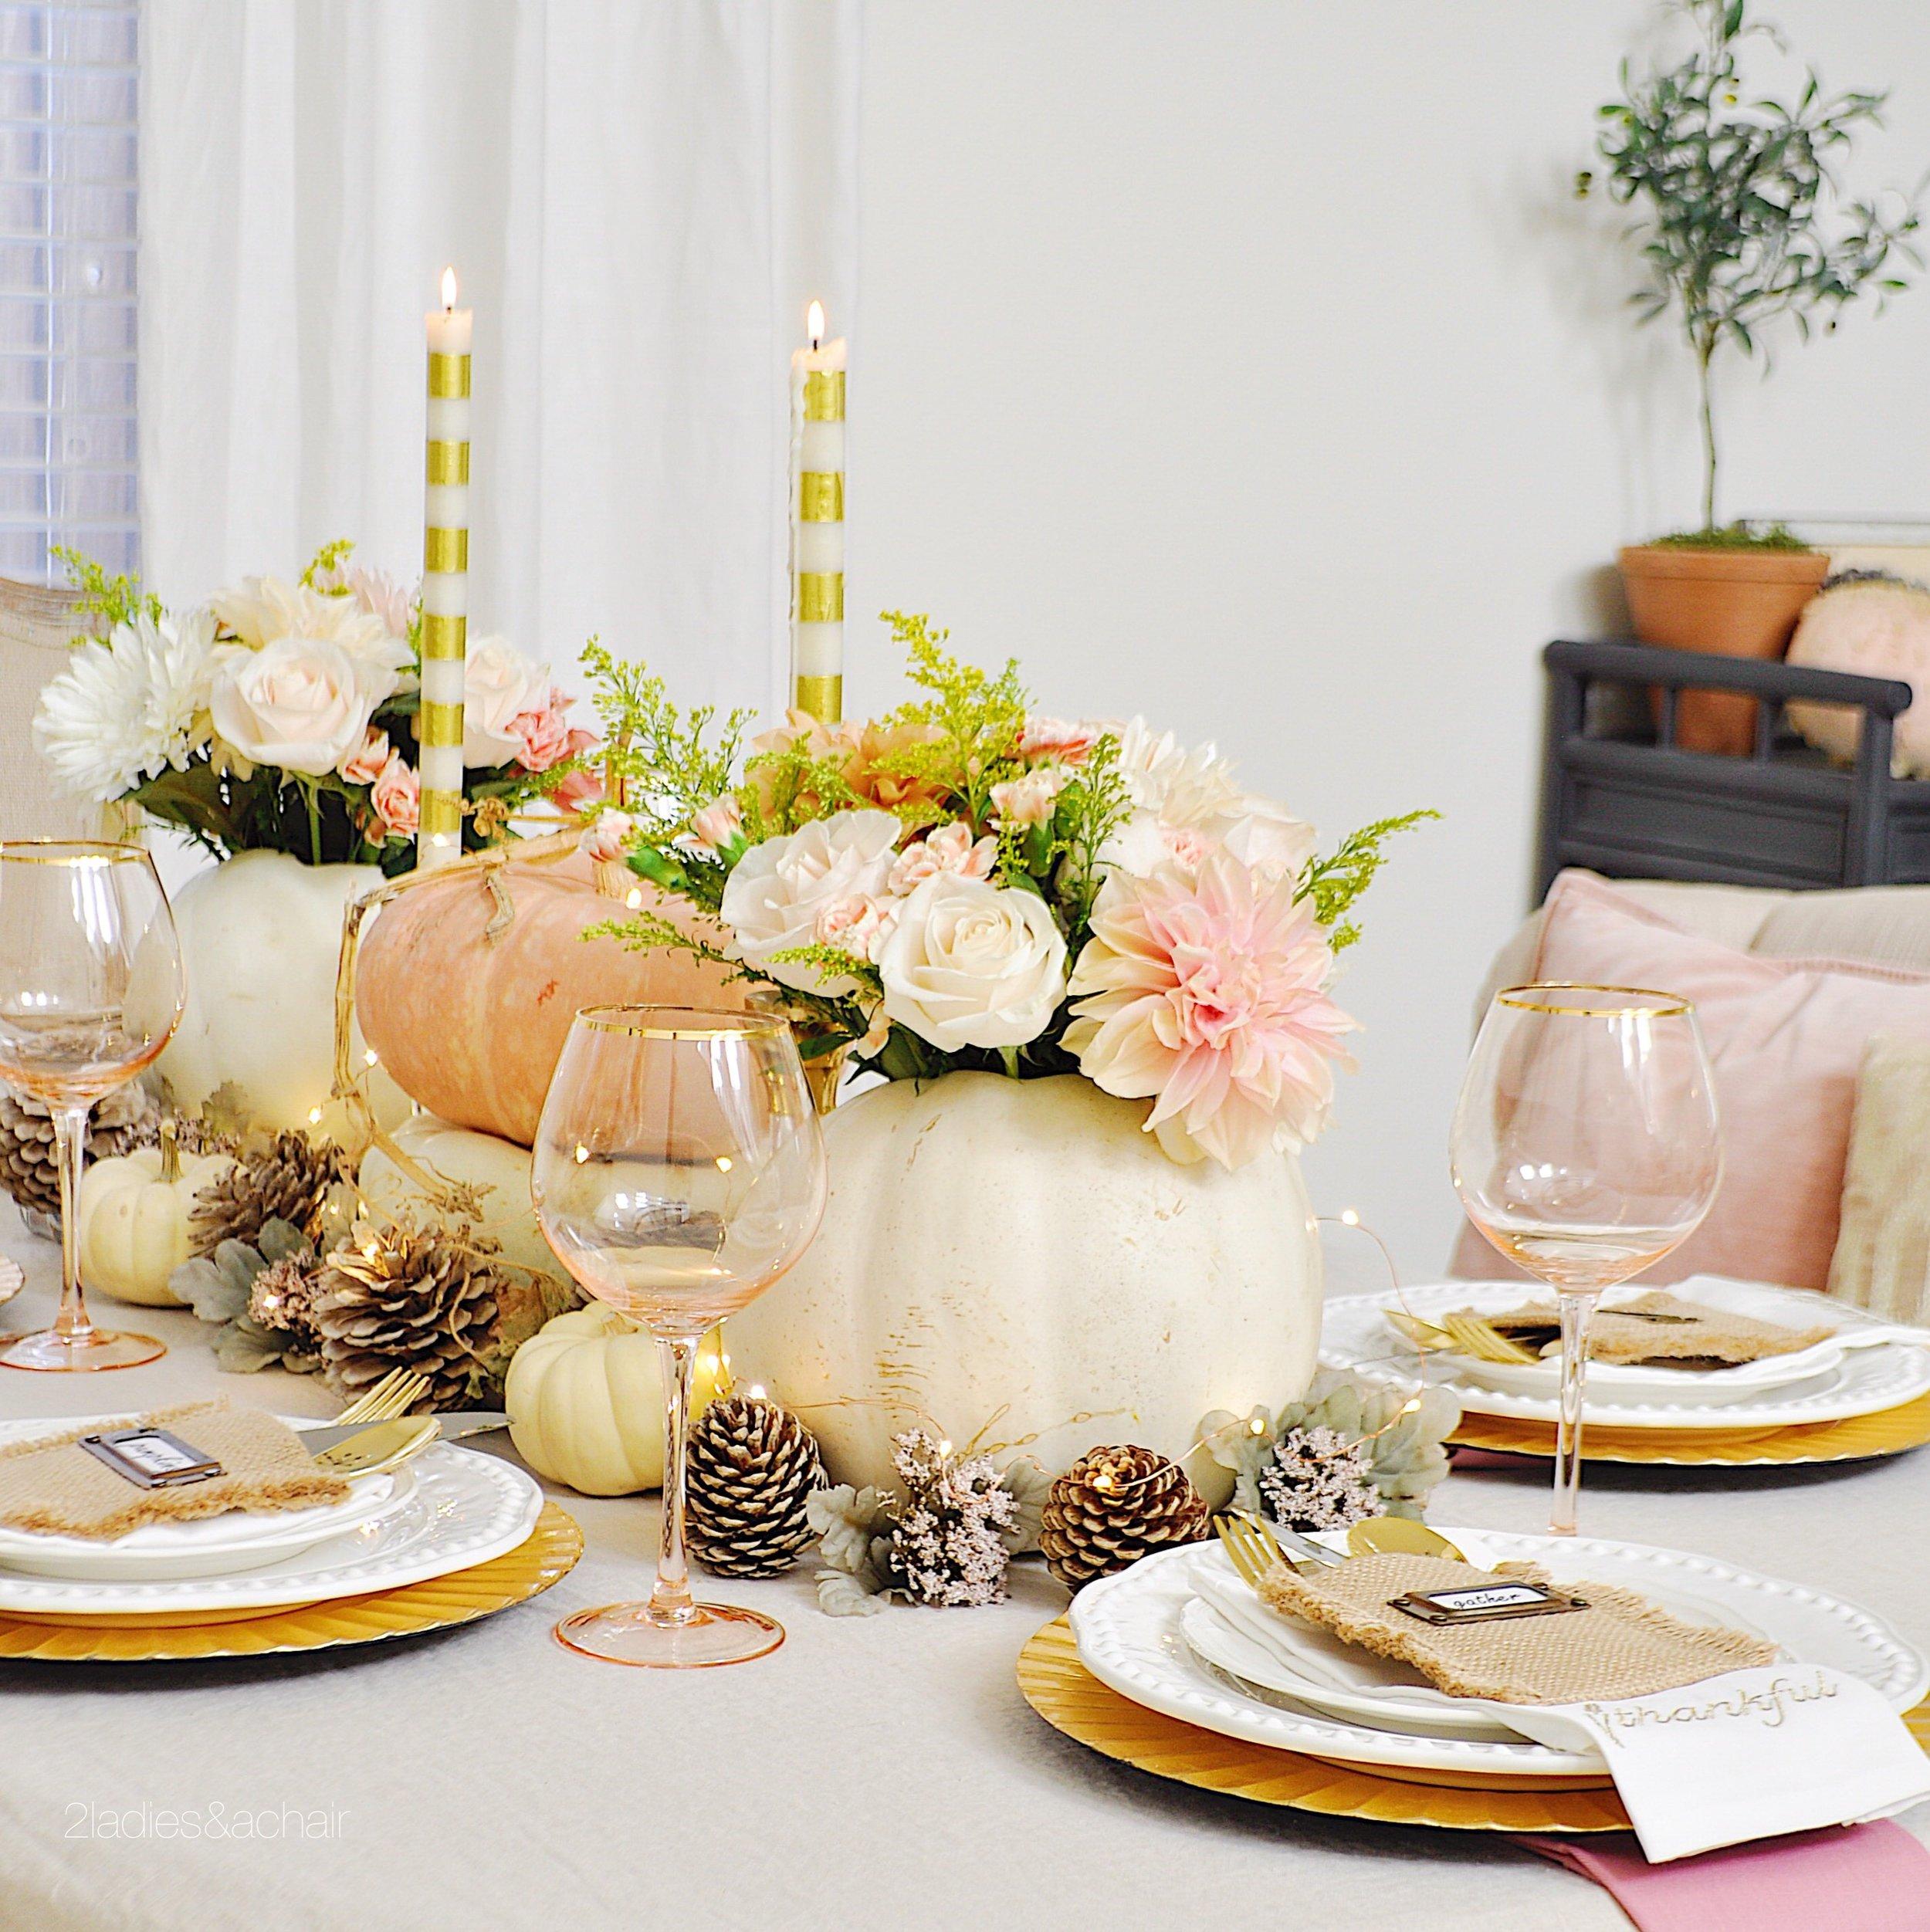 elegant thanksgiving table IMG_9778.JPG